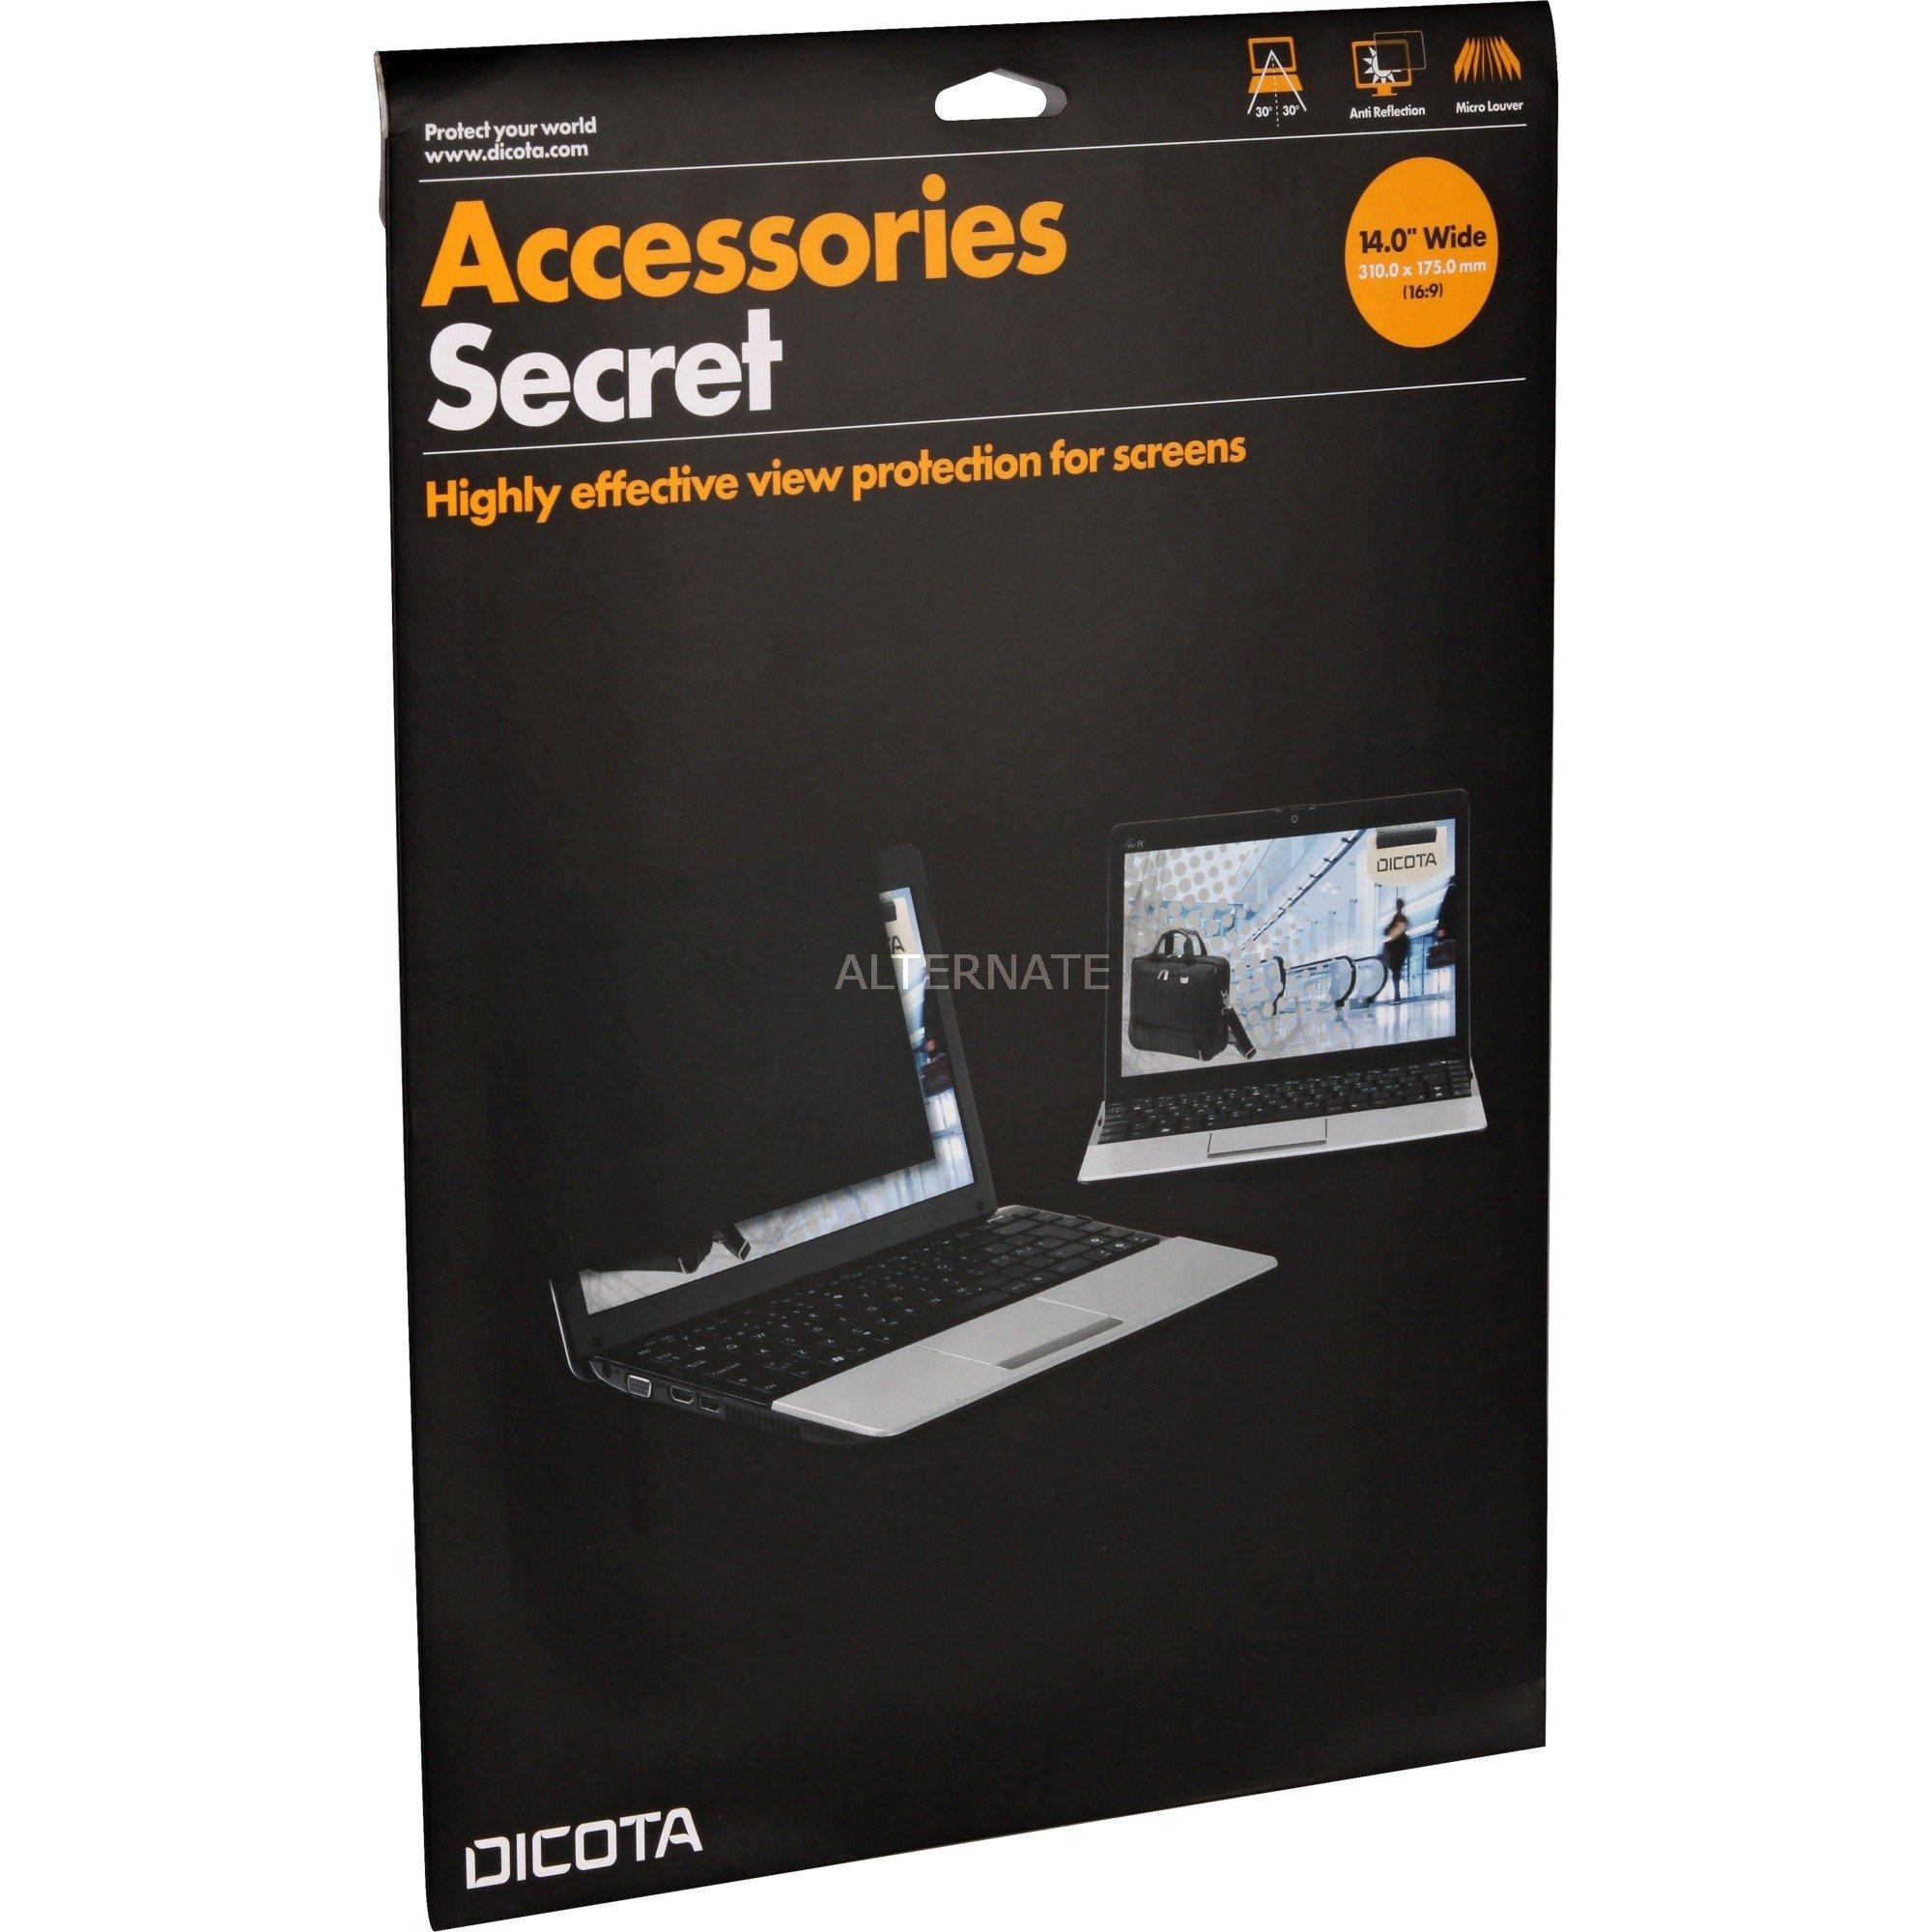 secret-1pcs-beskyttelse-af-personlige-oplysninger